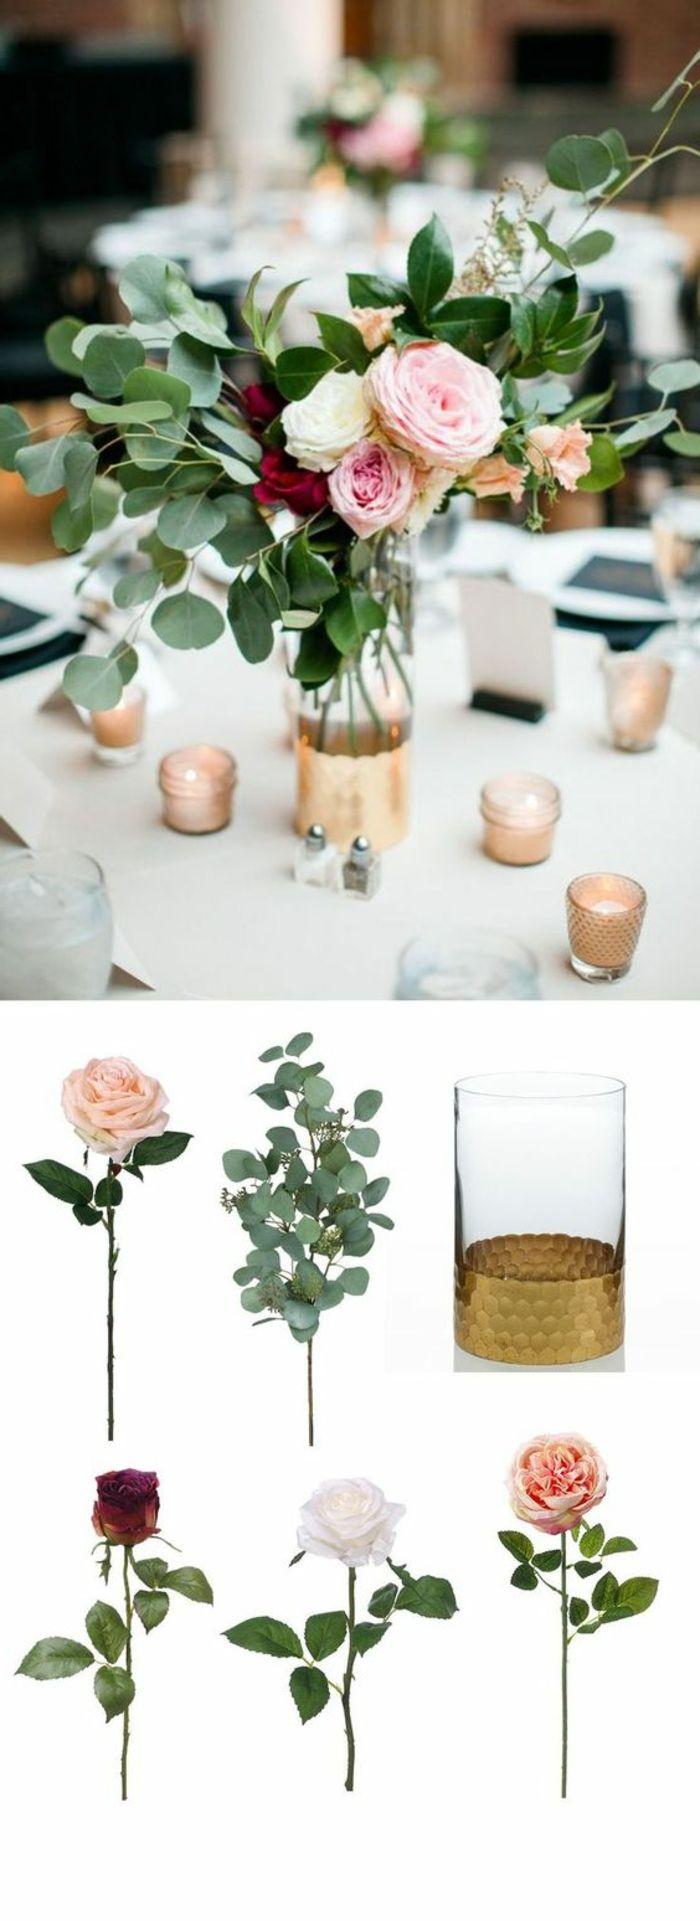 Festliche Tischdeko Glasvase Dekoriert Mit Goldener Farbe Rosen